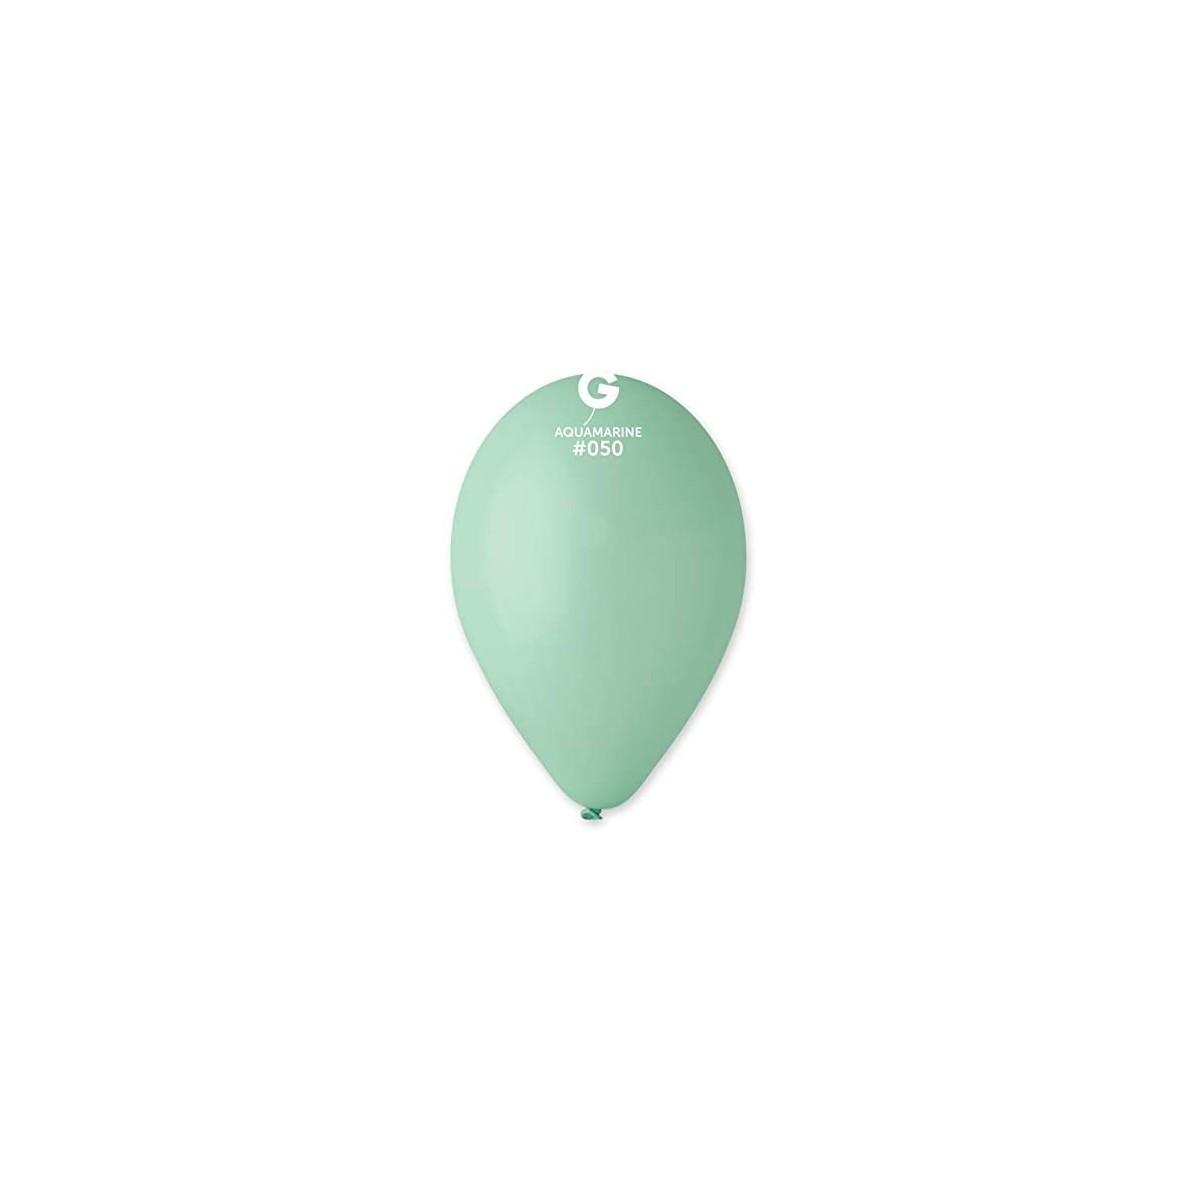 Set da 100 Palloncini colore Tiffany, G90/50, per feste